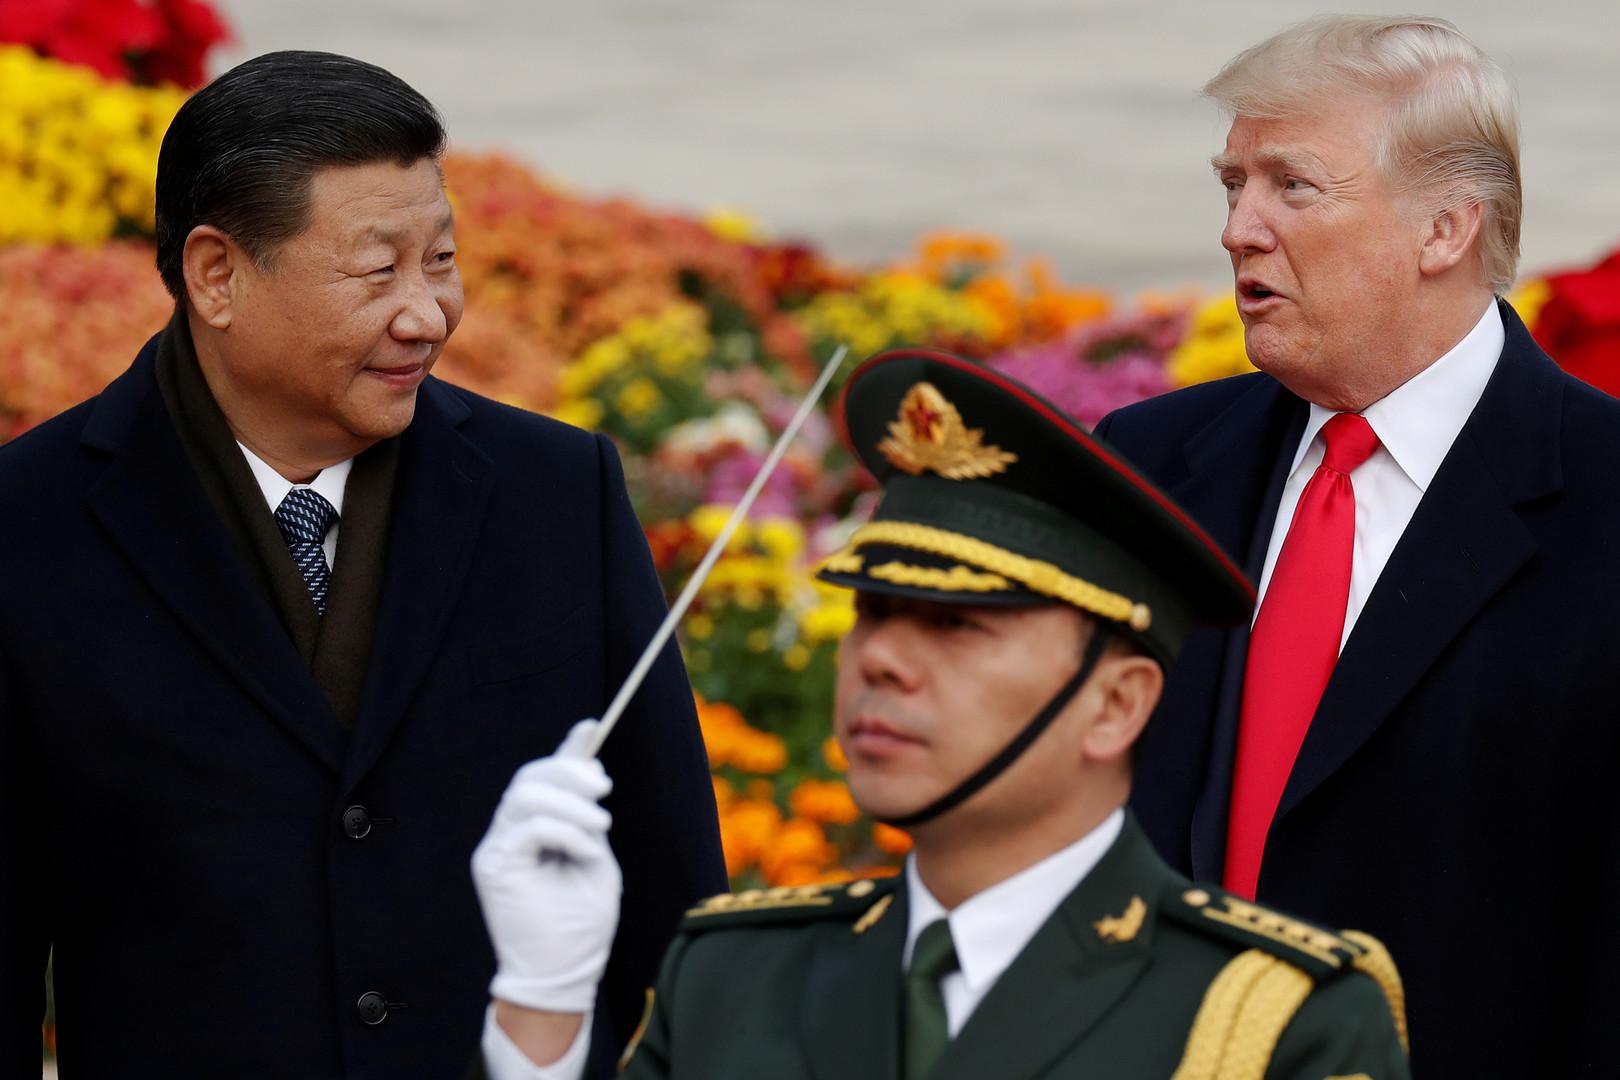 ترامب يتعهد بألا يسبق الاقتصاد الصيني نظيره الأمريكي